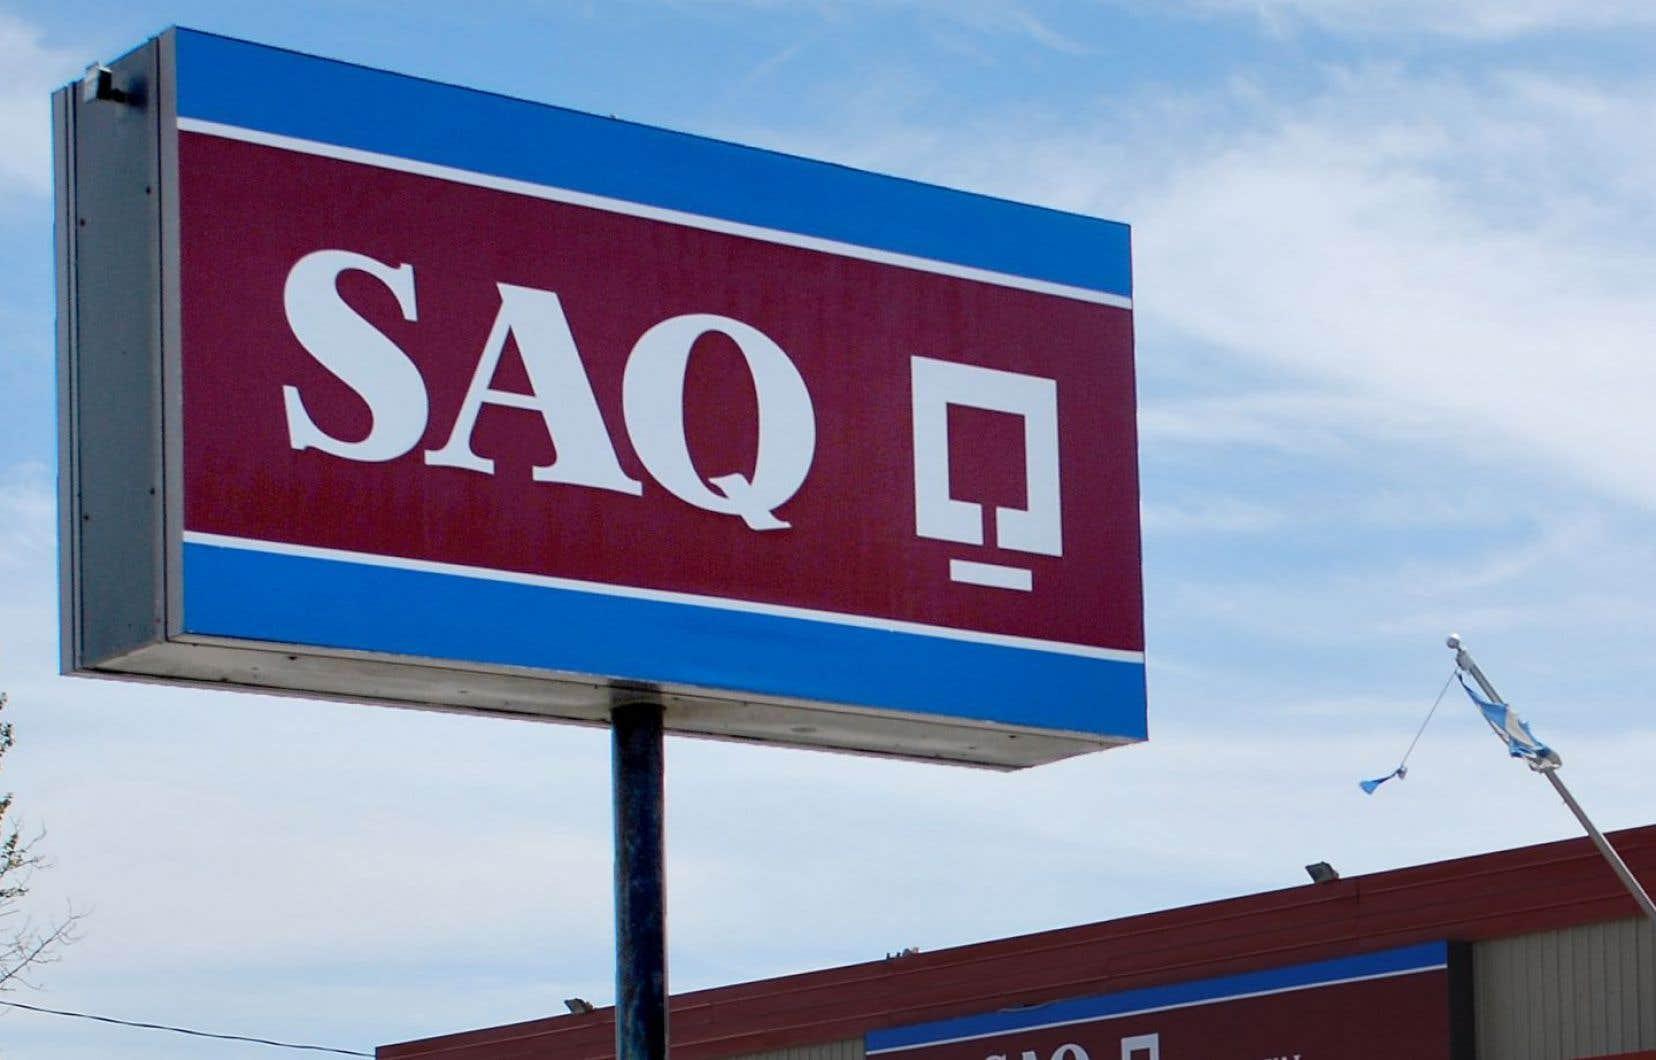 Le 14avril dernier, la société d'État avait procédé à une première restructuration en éliminant 90 postes au sein de sa structure administrative.